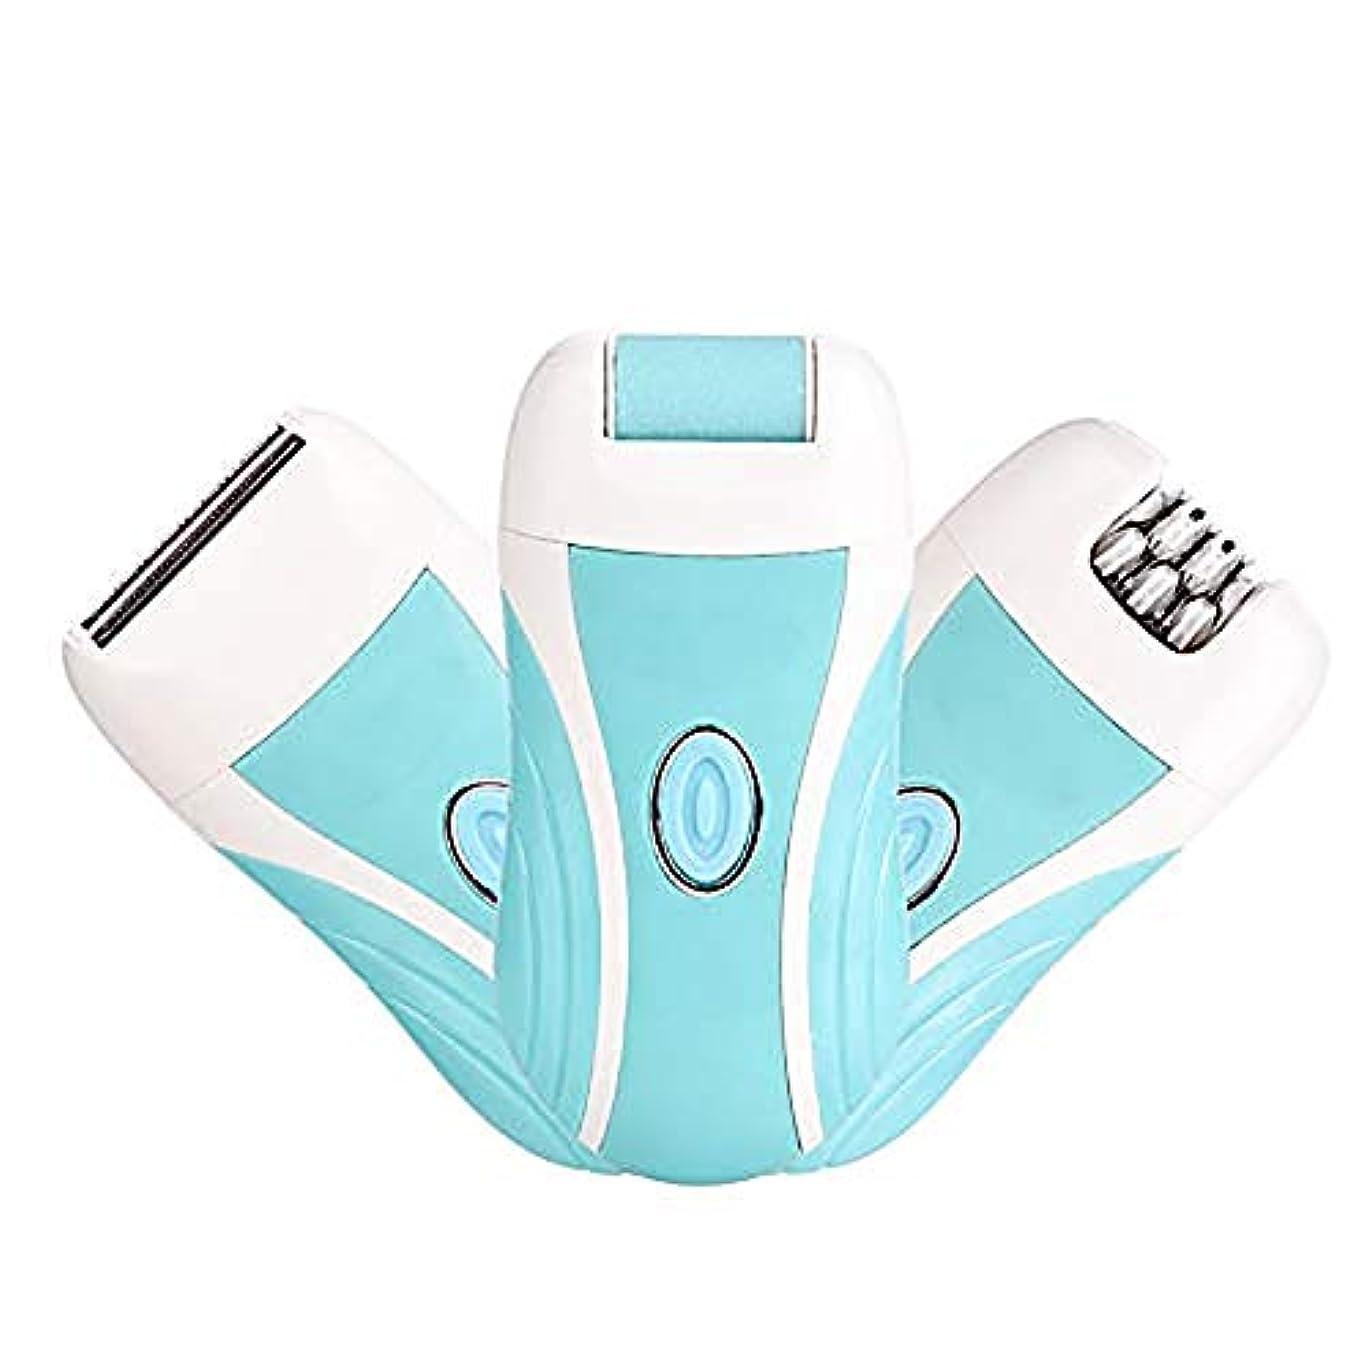 修正外国人傾く青色の3-in-1 USB充電式脱毛器、電気トリマーカミソリ、ミニポータブル、全身に使用可能